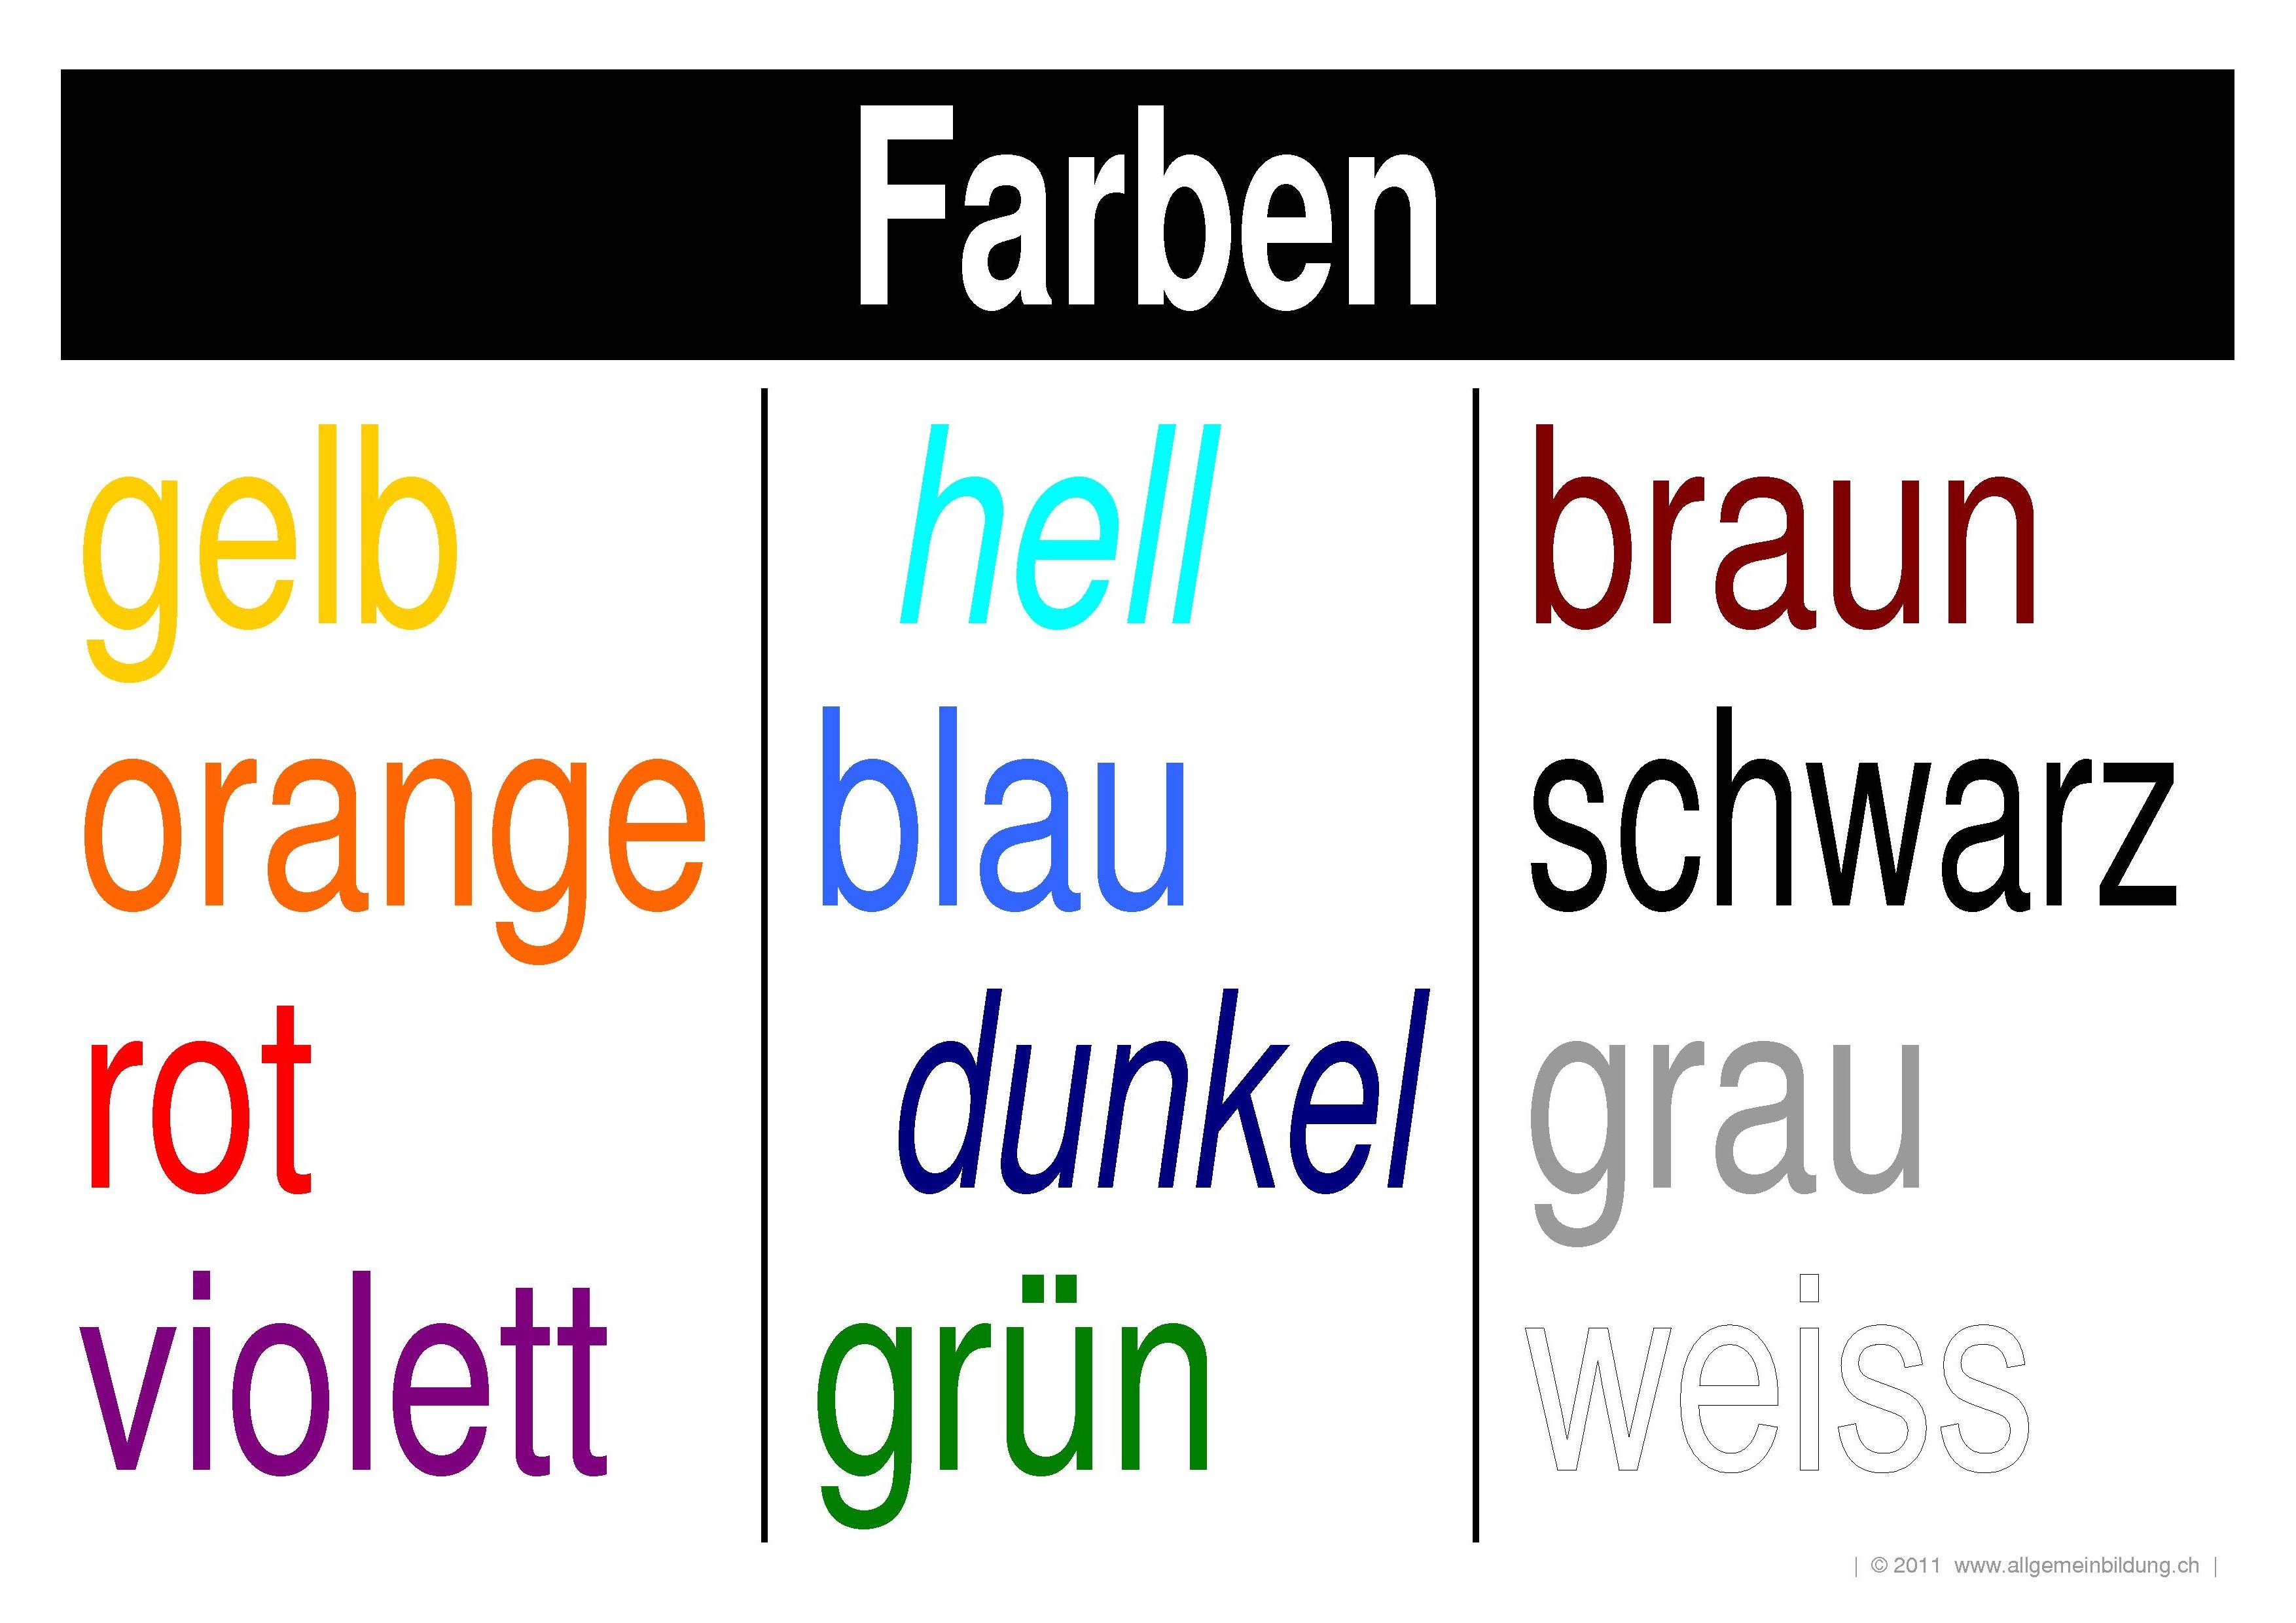 Englisch vokabeln farben verlosung 4834041 - memorables.info